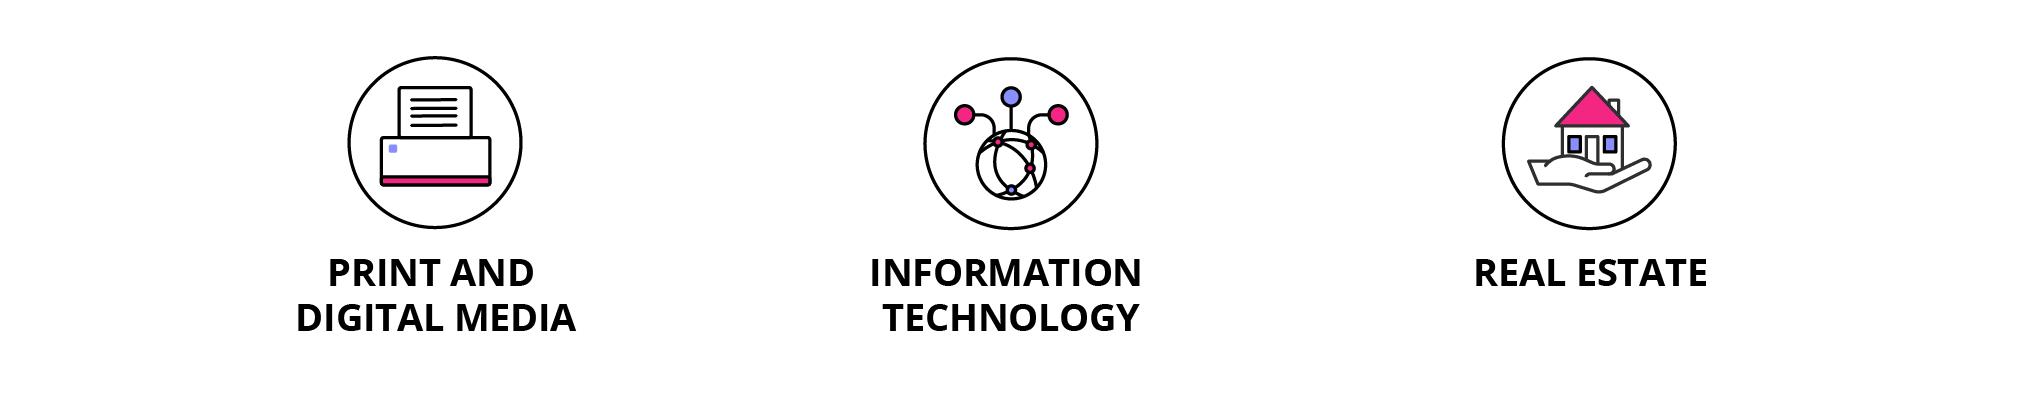 GD Infostats-02_graphic design